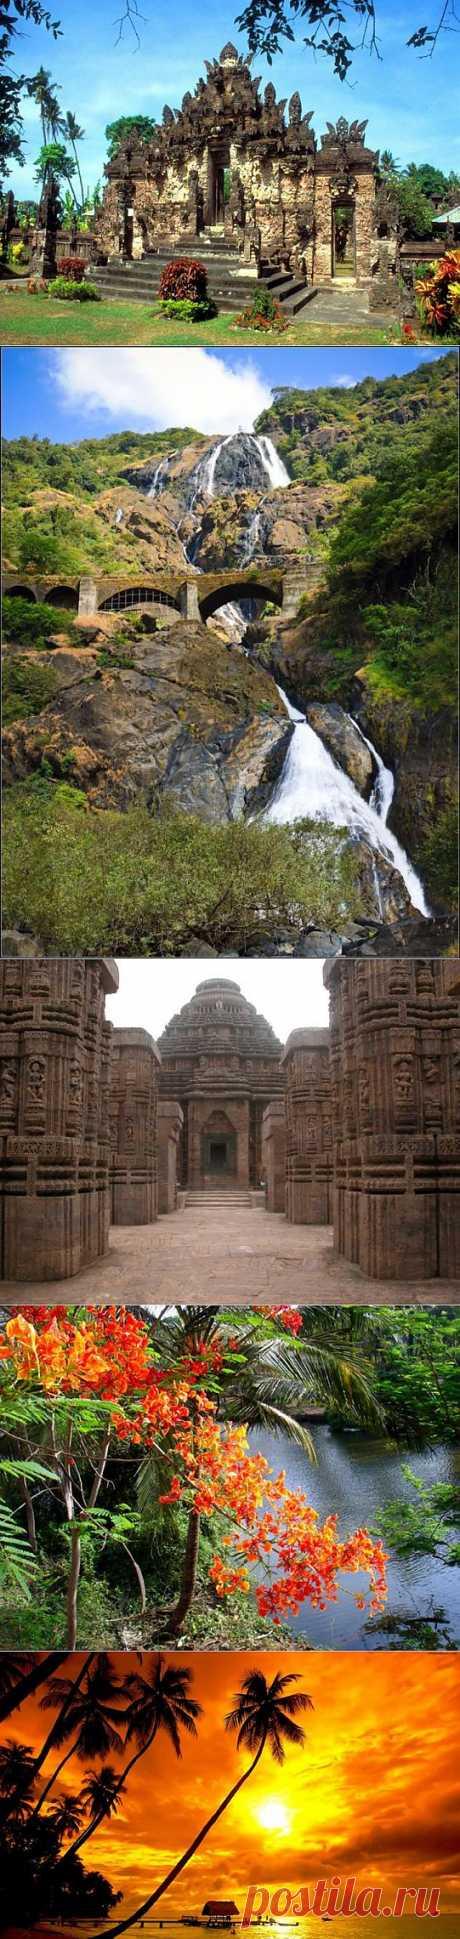 Гоа Жемчужина Индии | ТУРИЗМ И ОТДЫХ